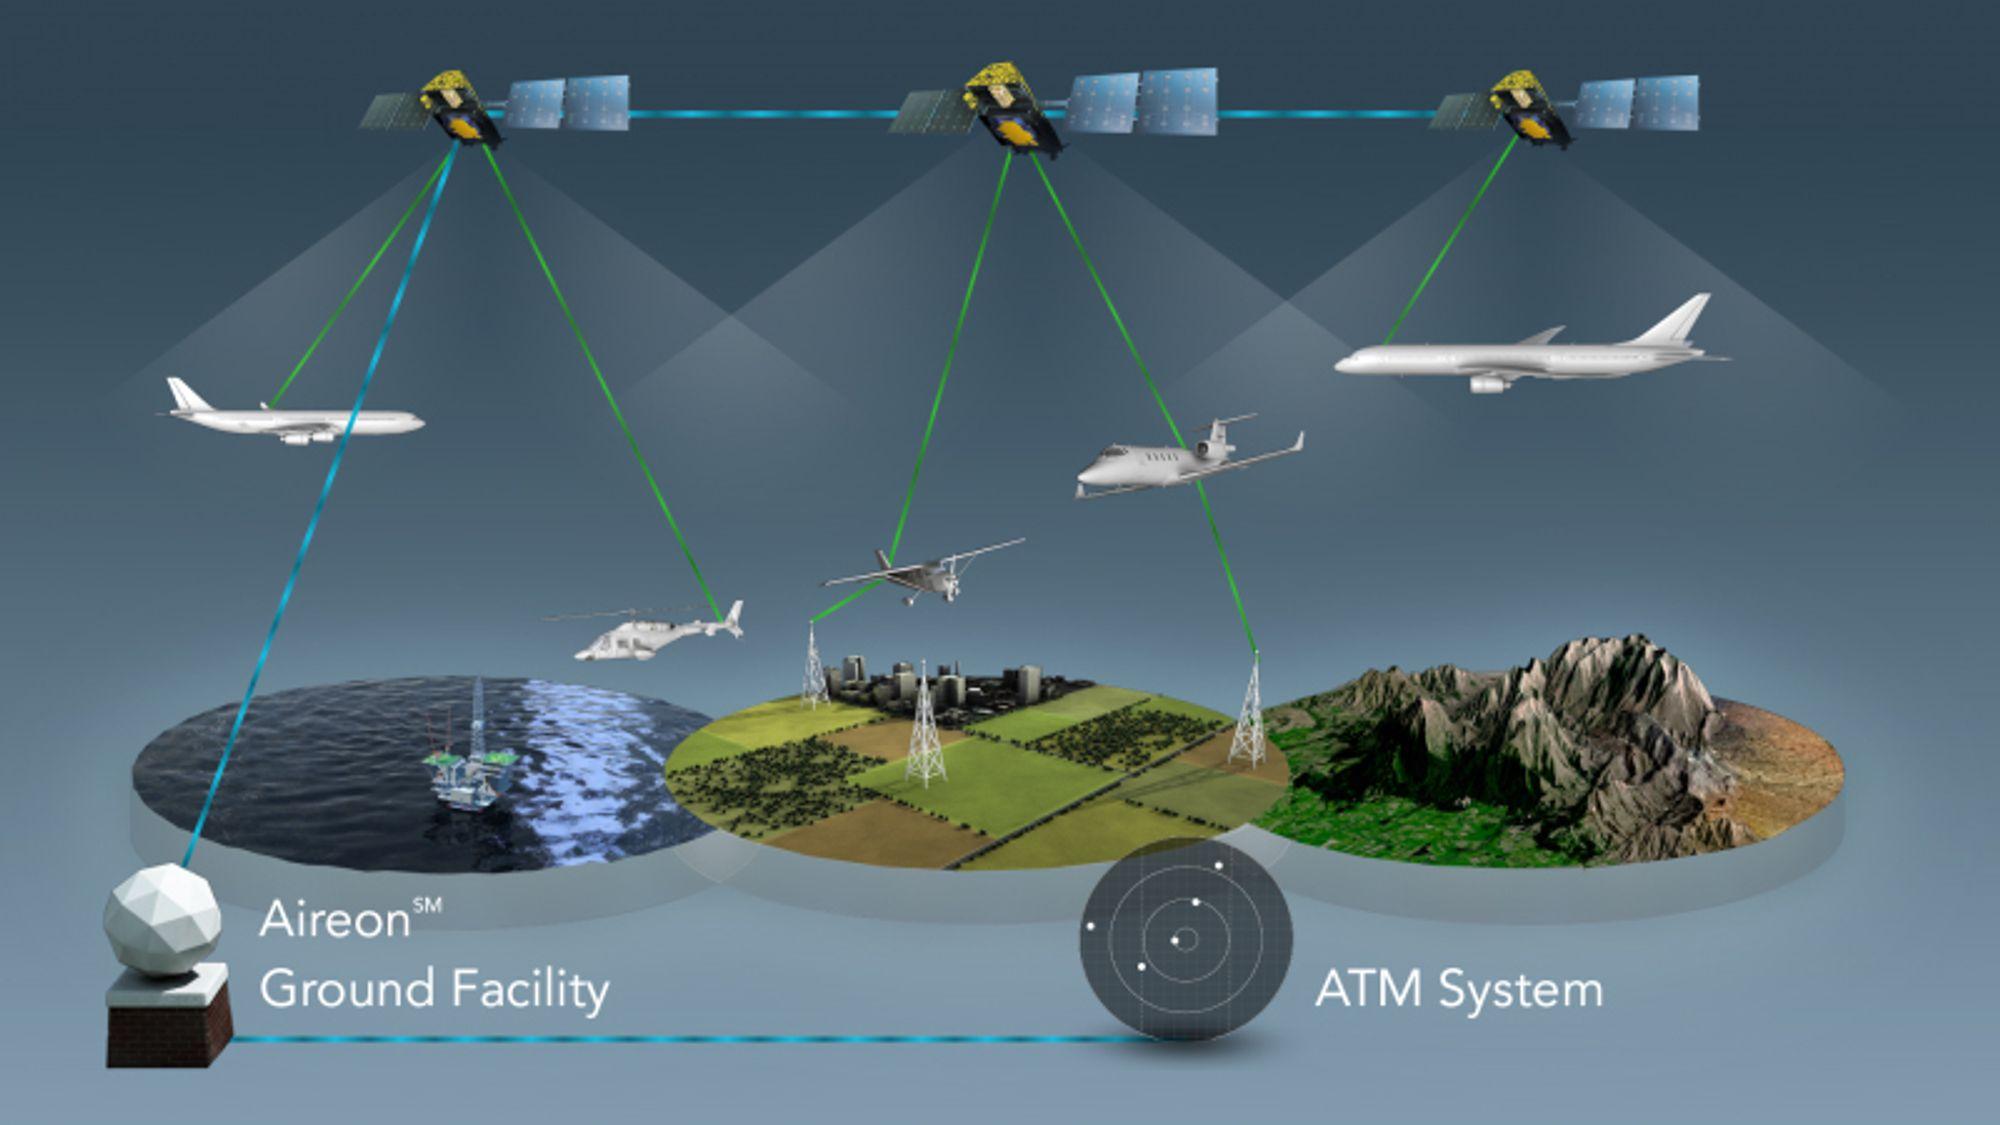 I dag er rundt 70 prosent av det globale luftrommet dekket av radar eller kommunikasjonssystemet ADS-B. Det betyr at det av og til er vanskelig å finne fly som forsvinner over havet, i fjellområder eller i ørkenen. Et nytt satelittbasert system skal både lete etter fly og spare flyselskapene for store summer ved å tillate flyene å fly mer optimale ruter.